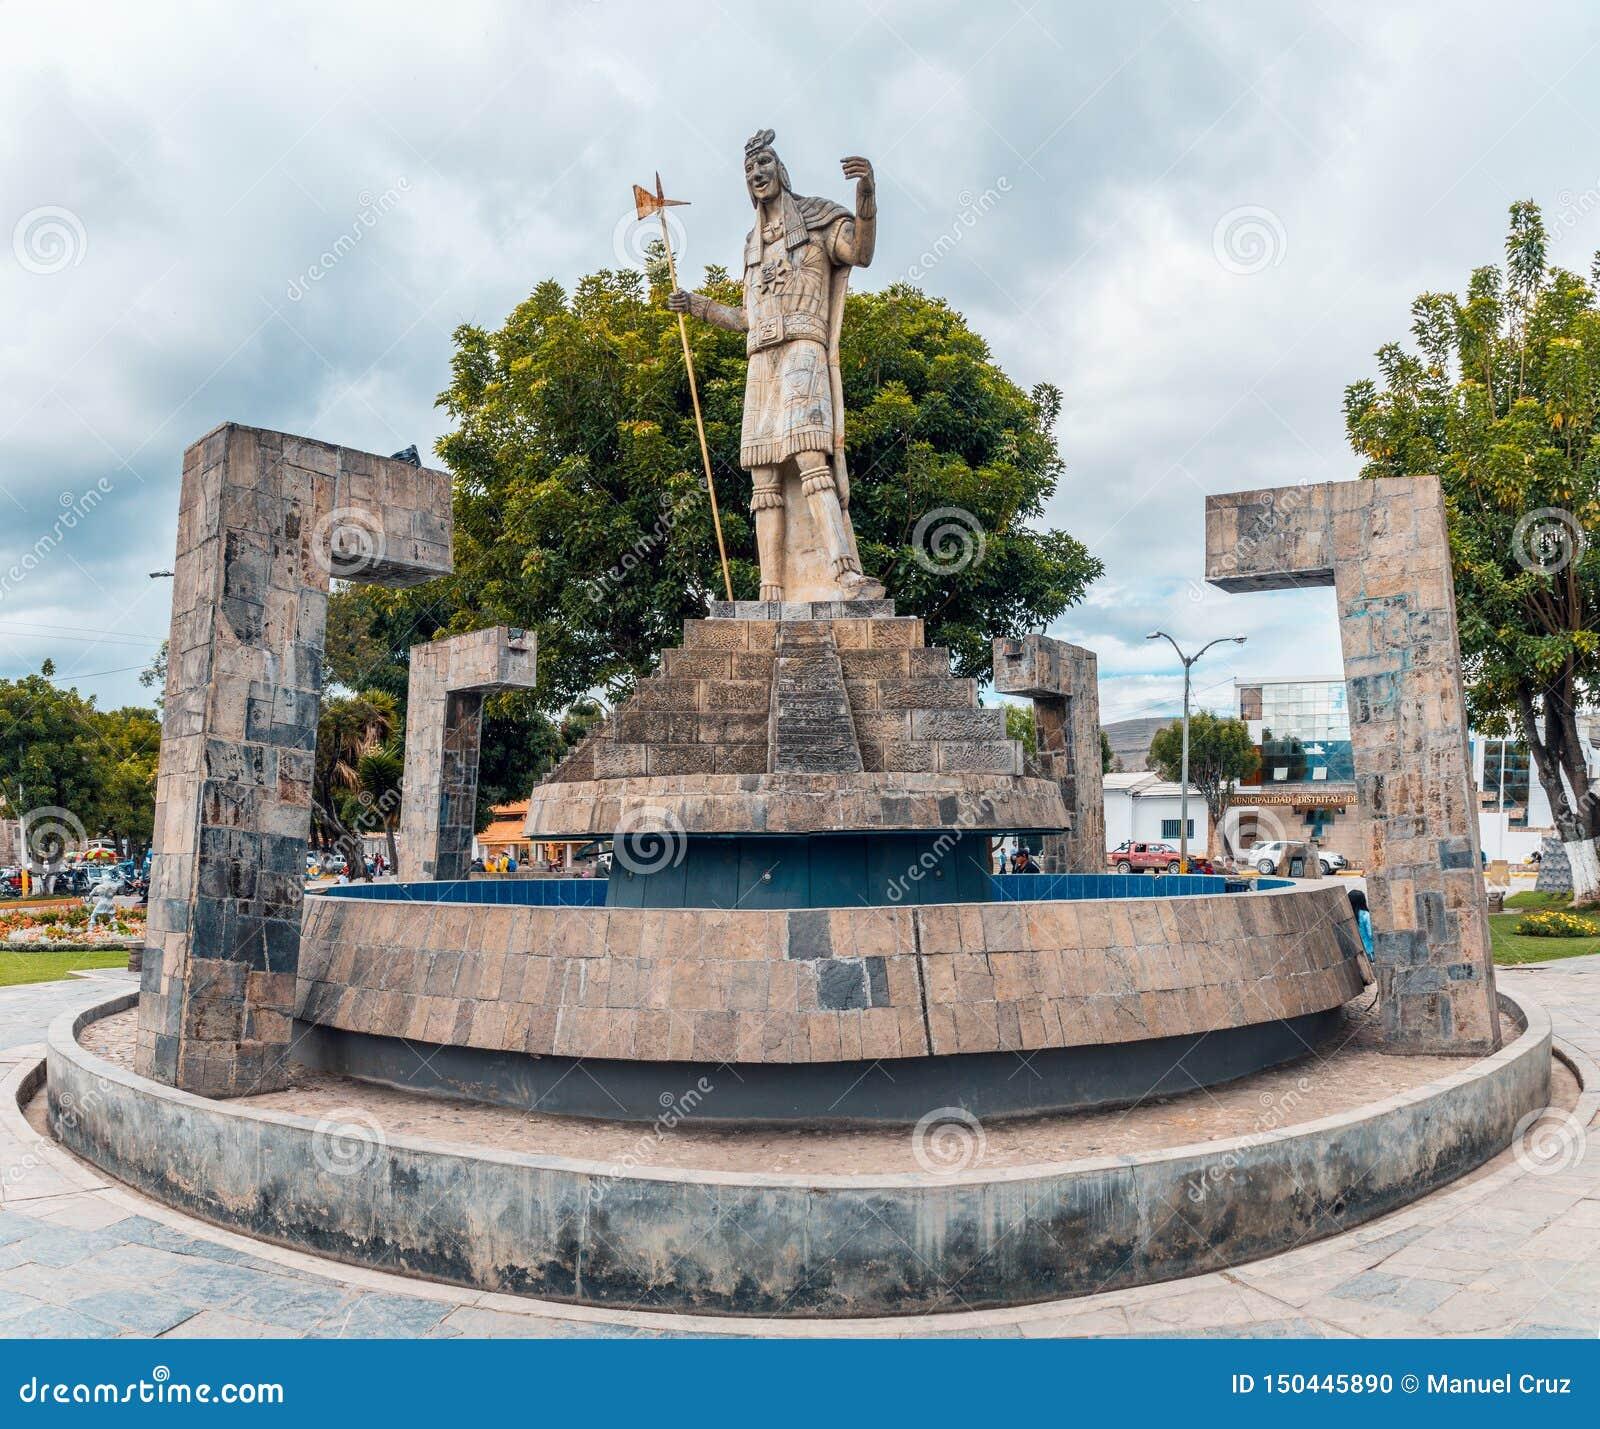 Banos Del.Pool With Sculpture Of The Inca In Plaza De Armas Of Banos